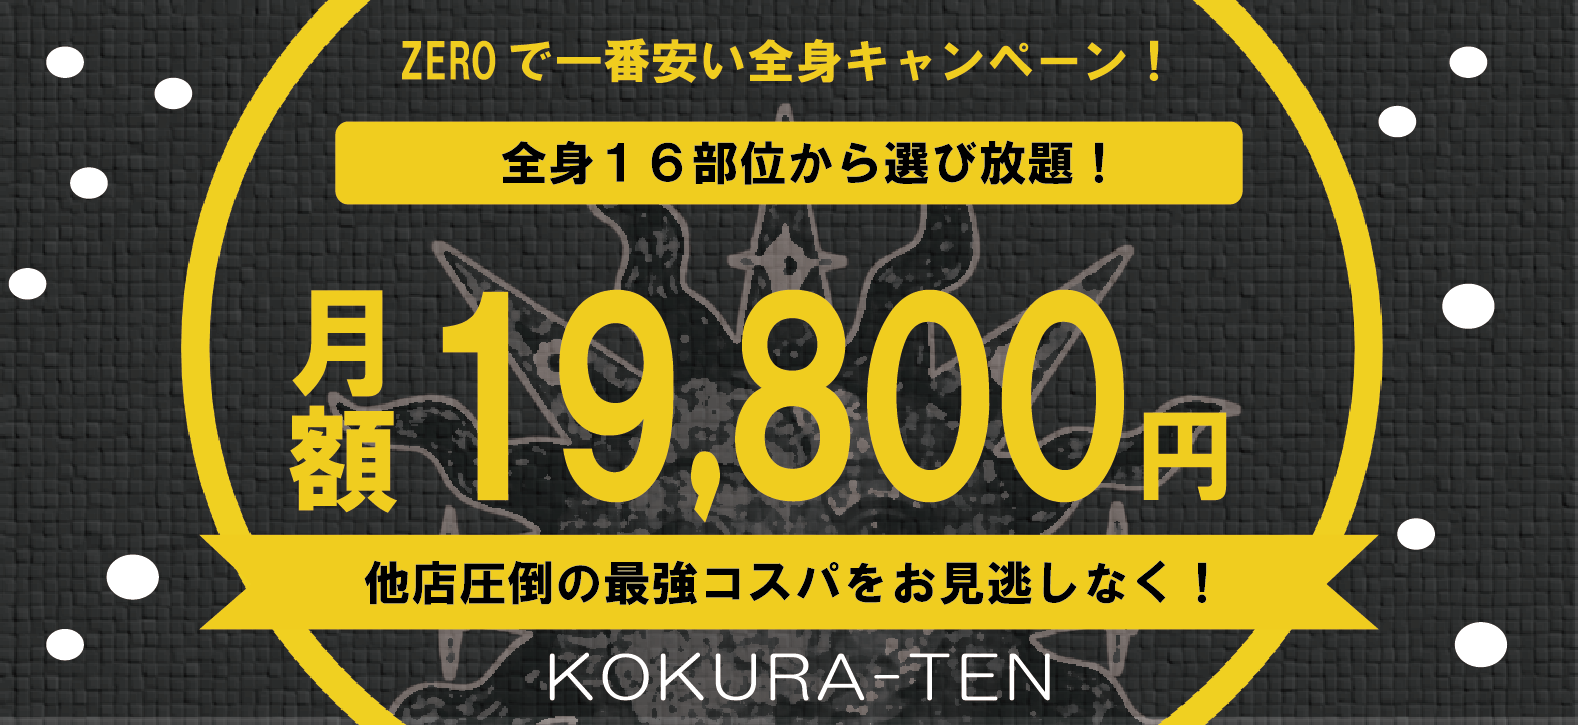 小倉店の全身脱毛キャンペーン価格は19,800円